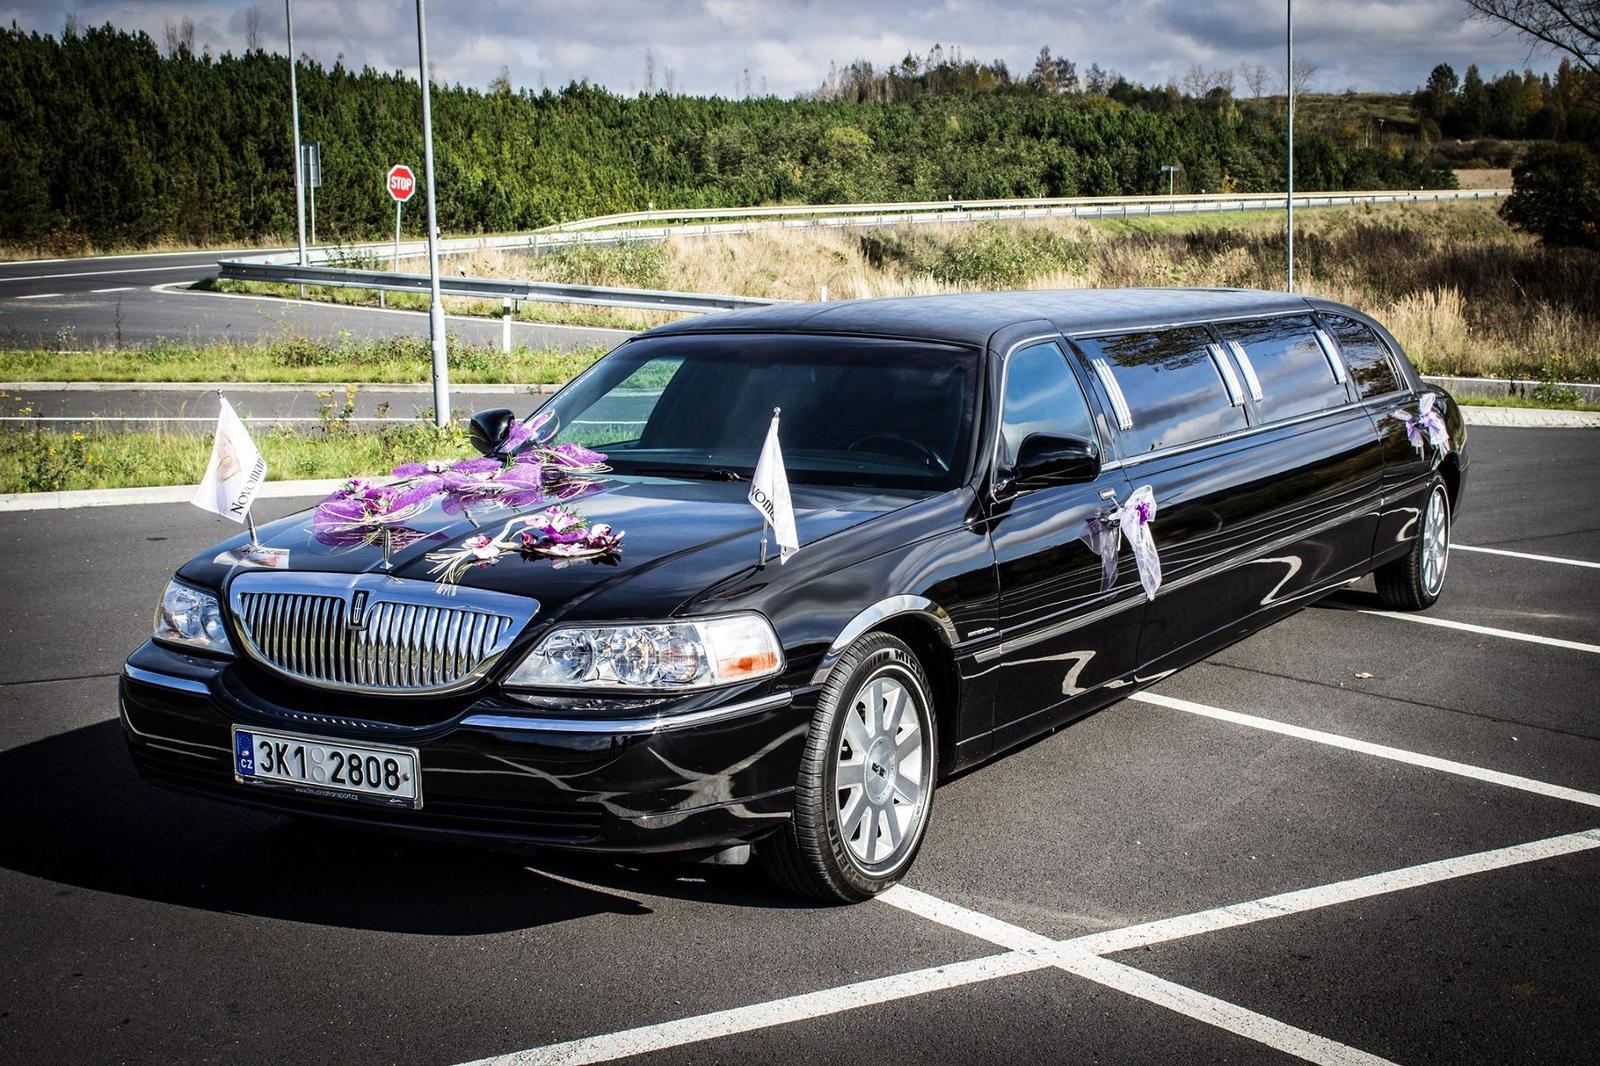 Svatební limuzína - Obrázek č. 1